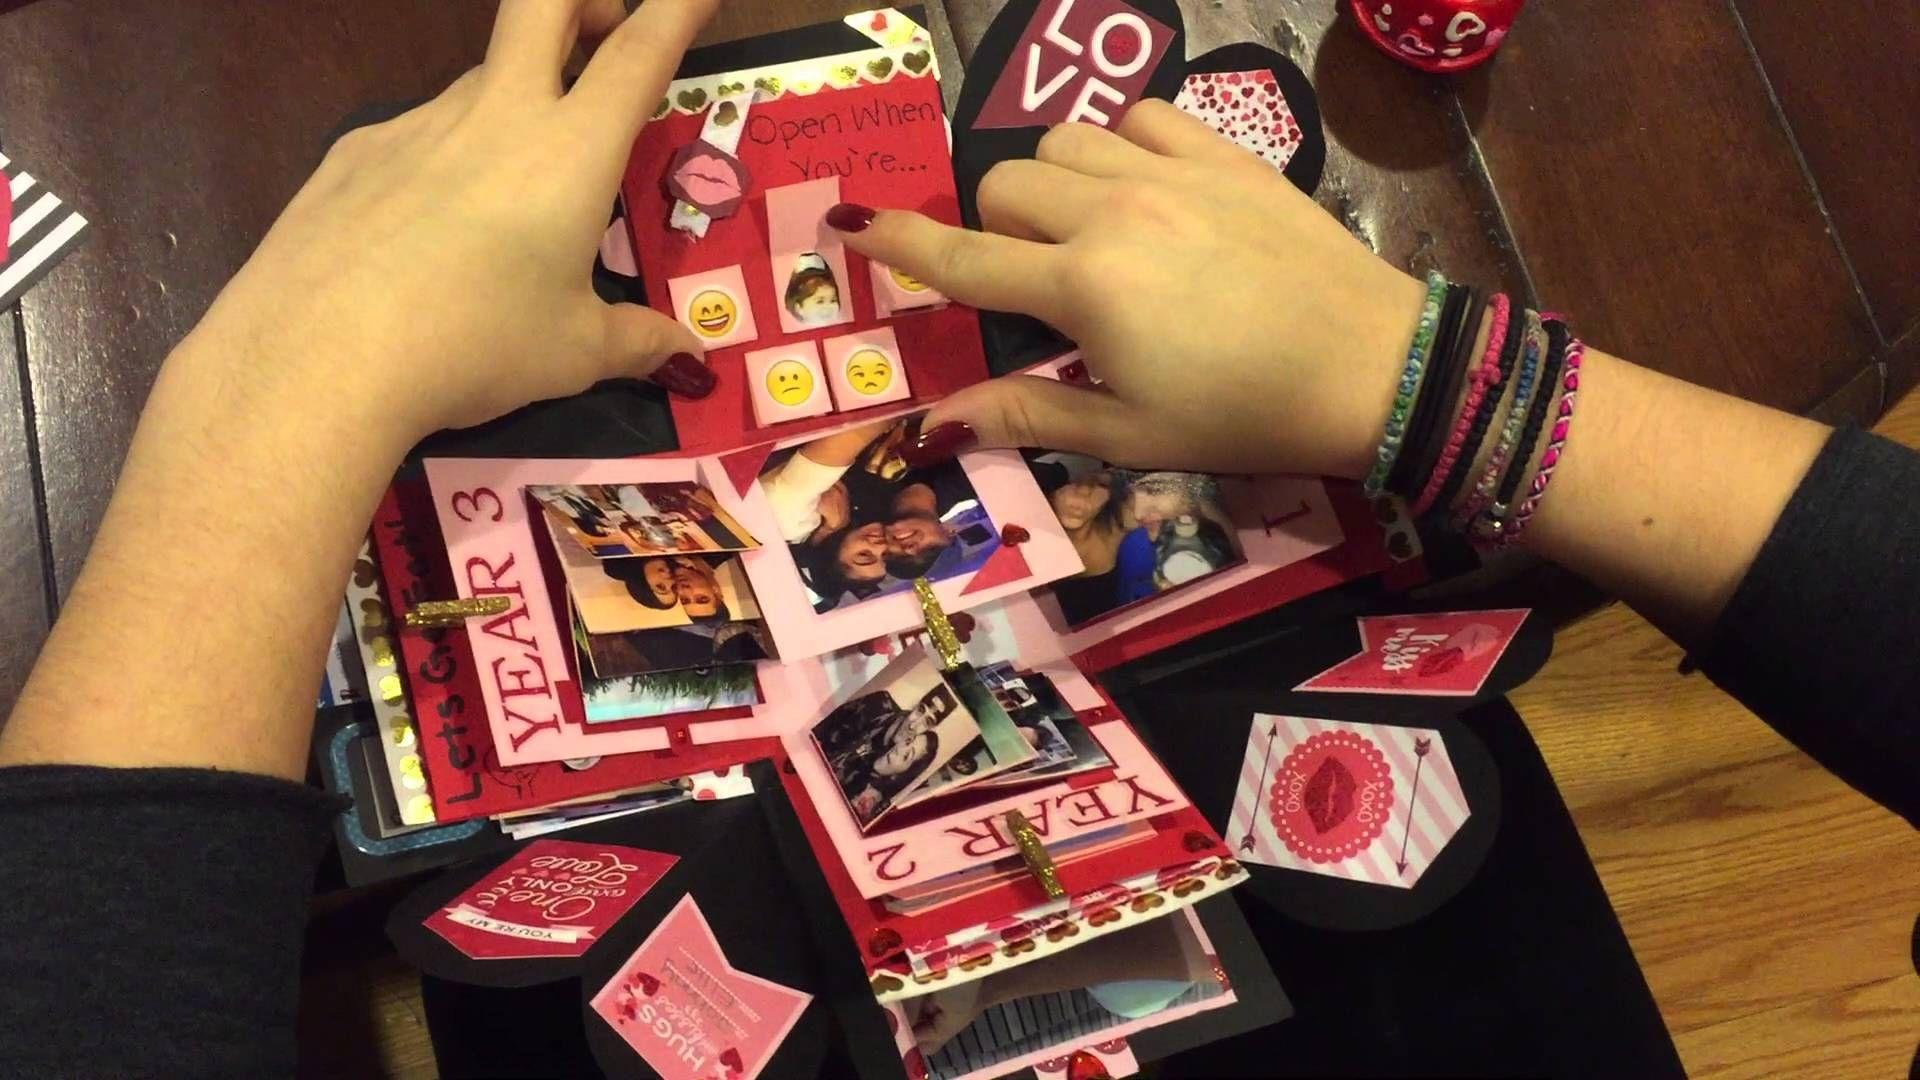 Explosion Box For Boyfriend Valentines DayAnniversary